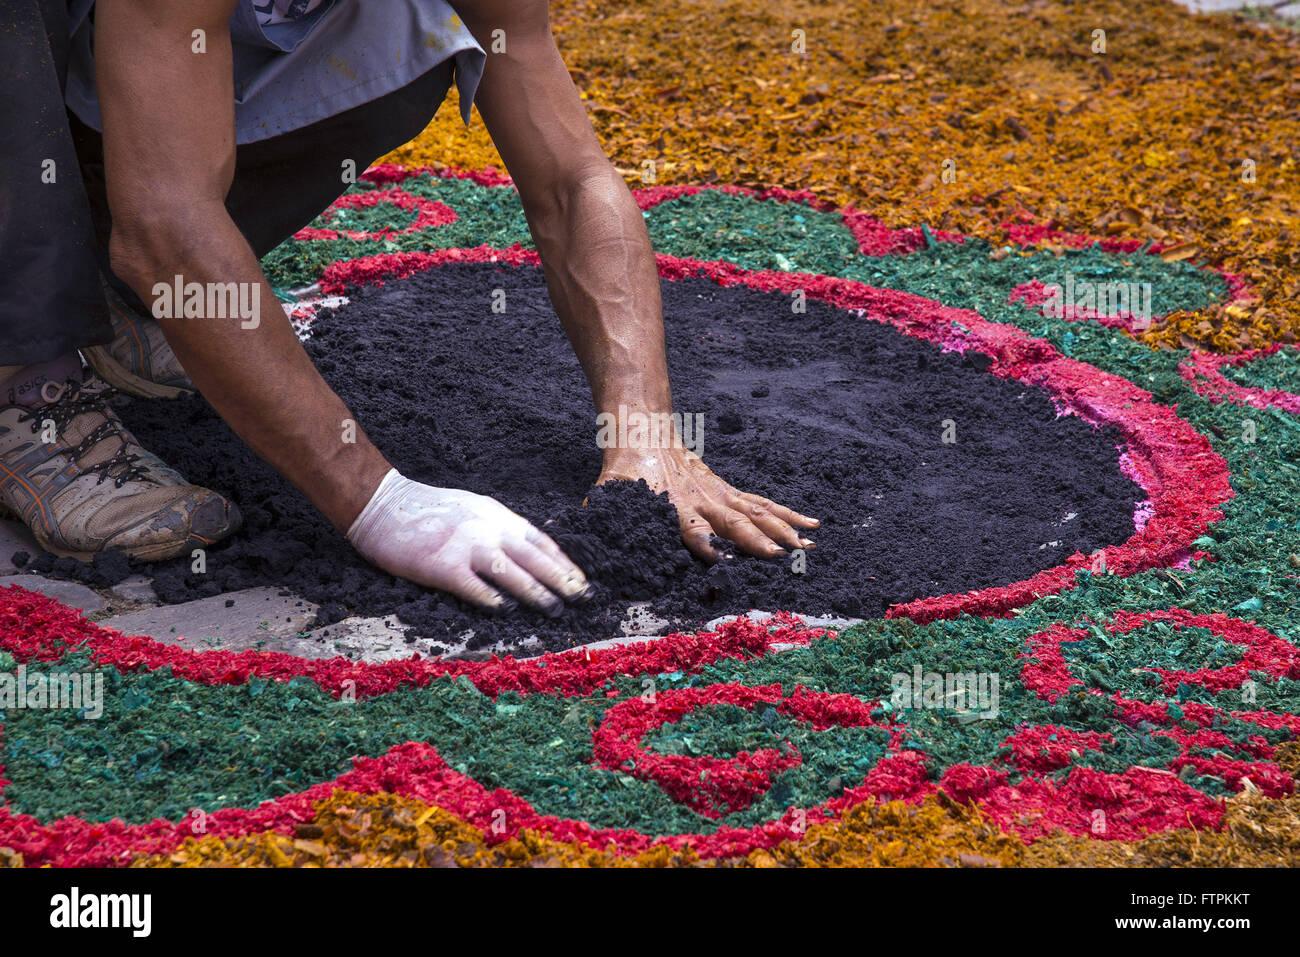 Fiel decorando rua com tapetes de serragem colorida para procissao da Semana Santa - Stock Image